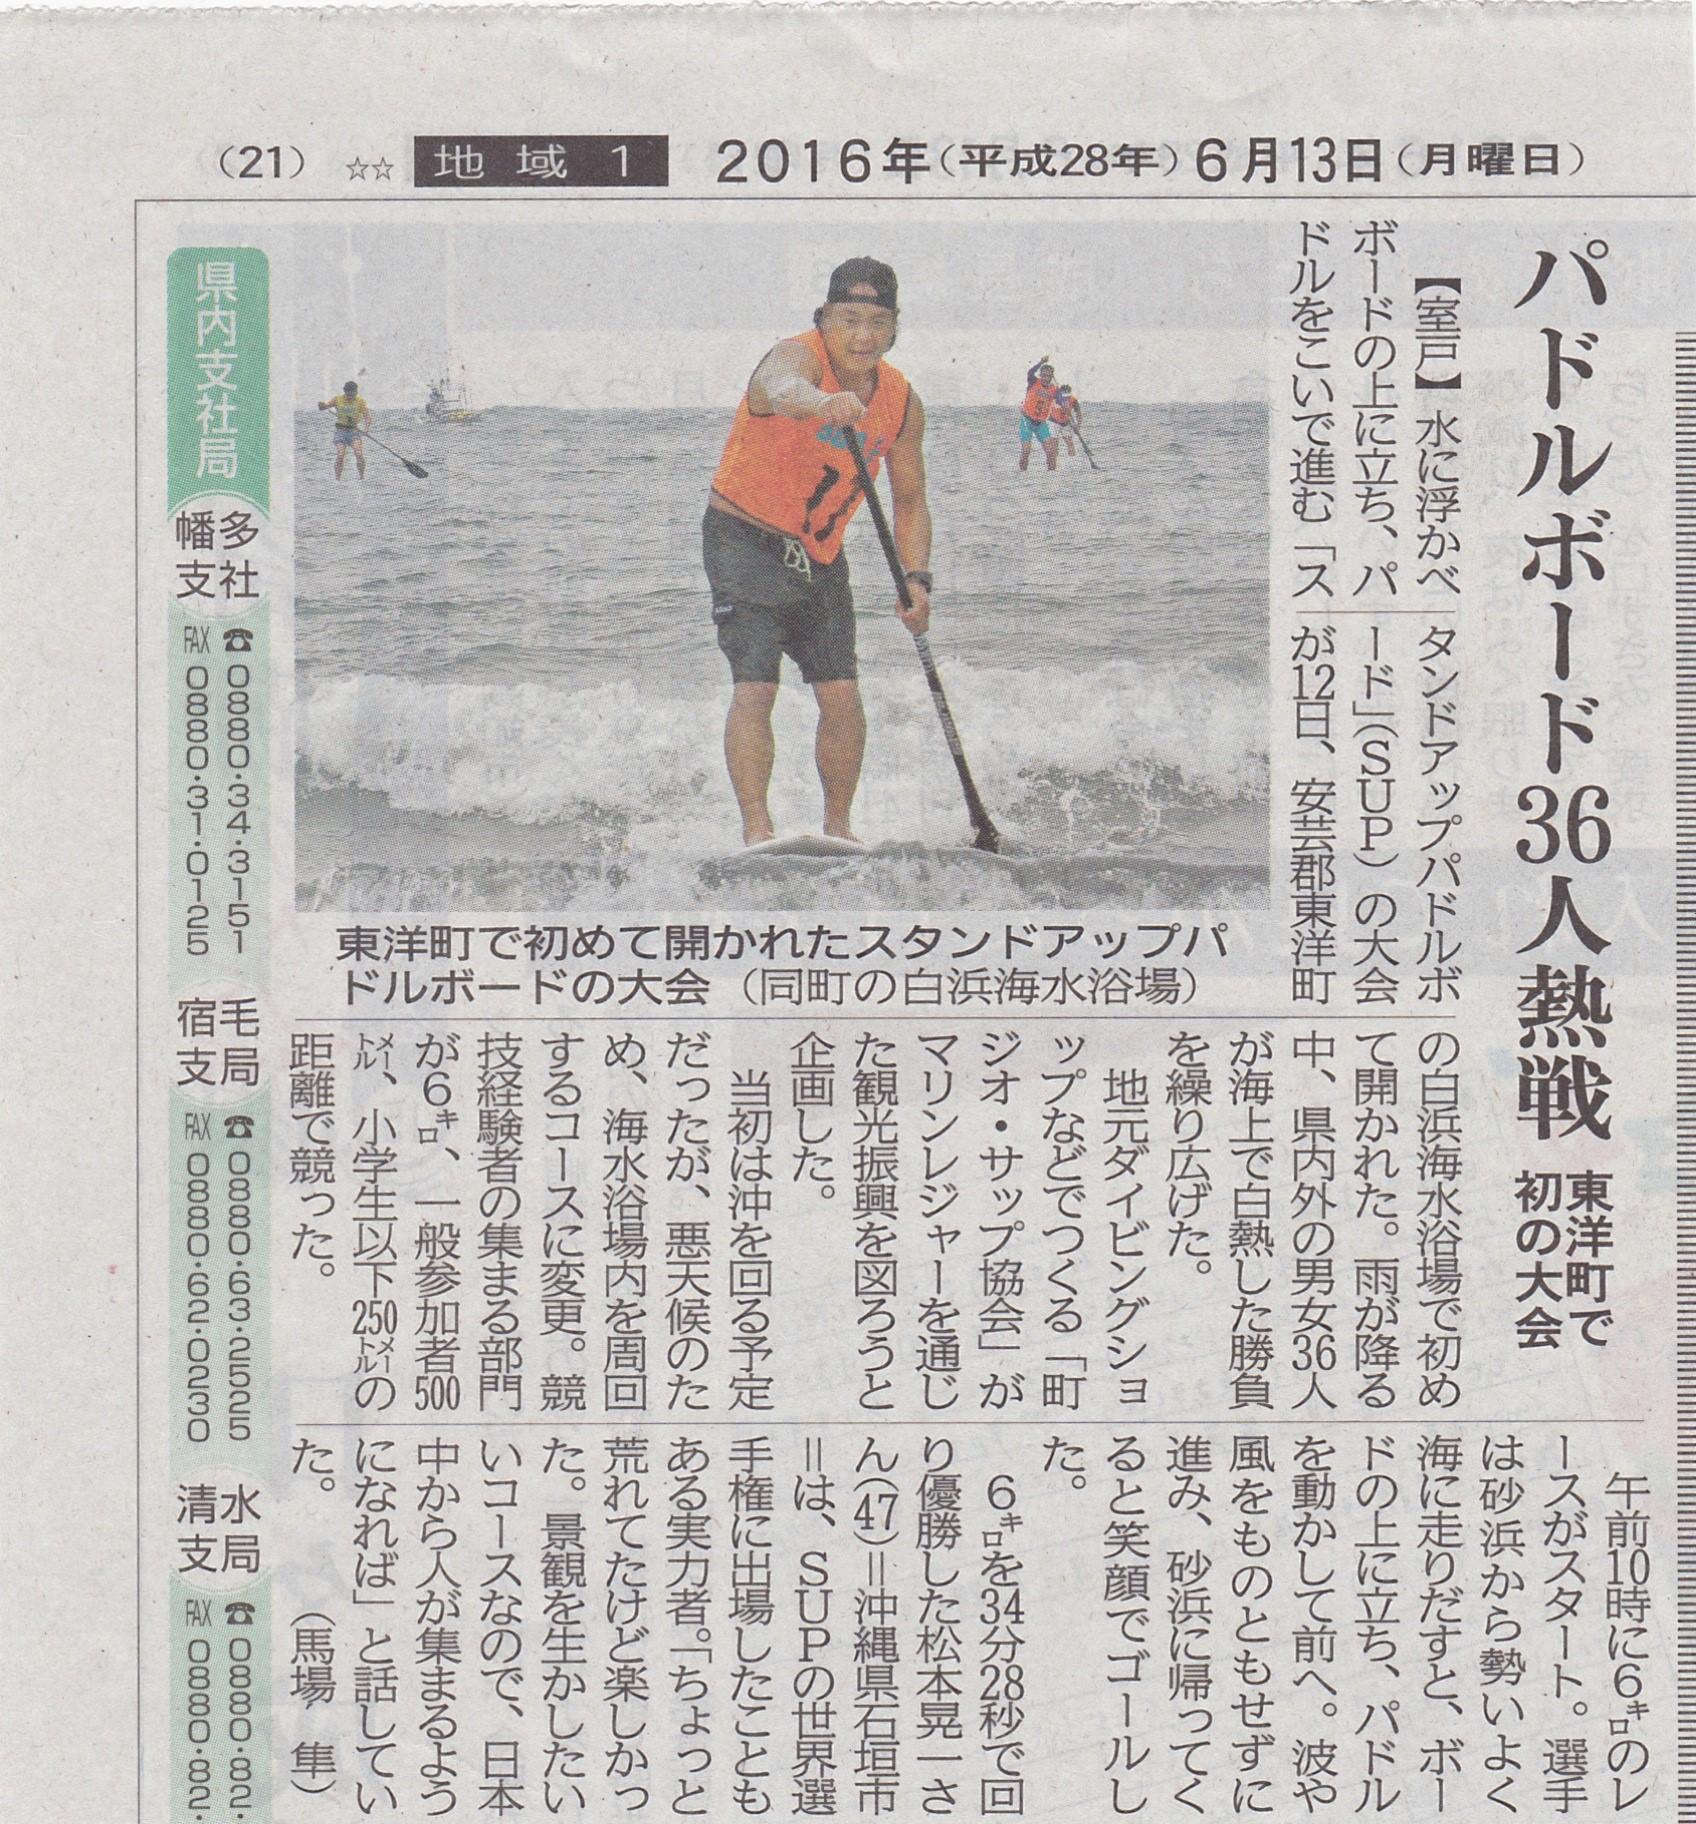 6_12高知新聞SUPニュース